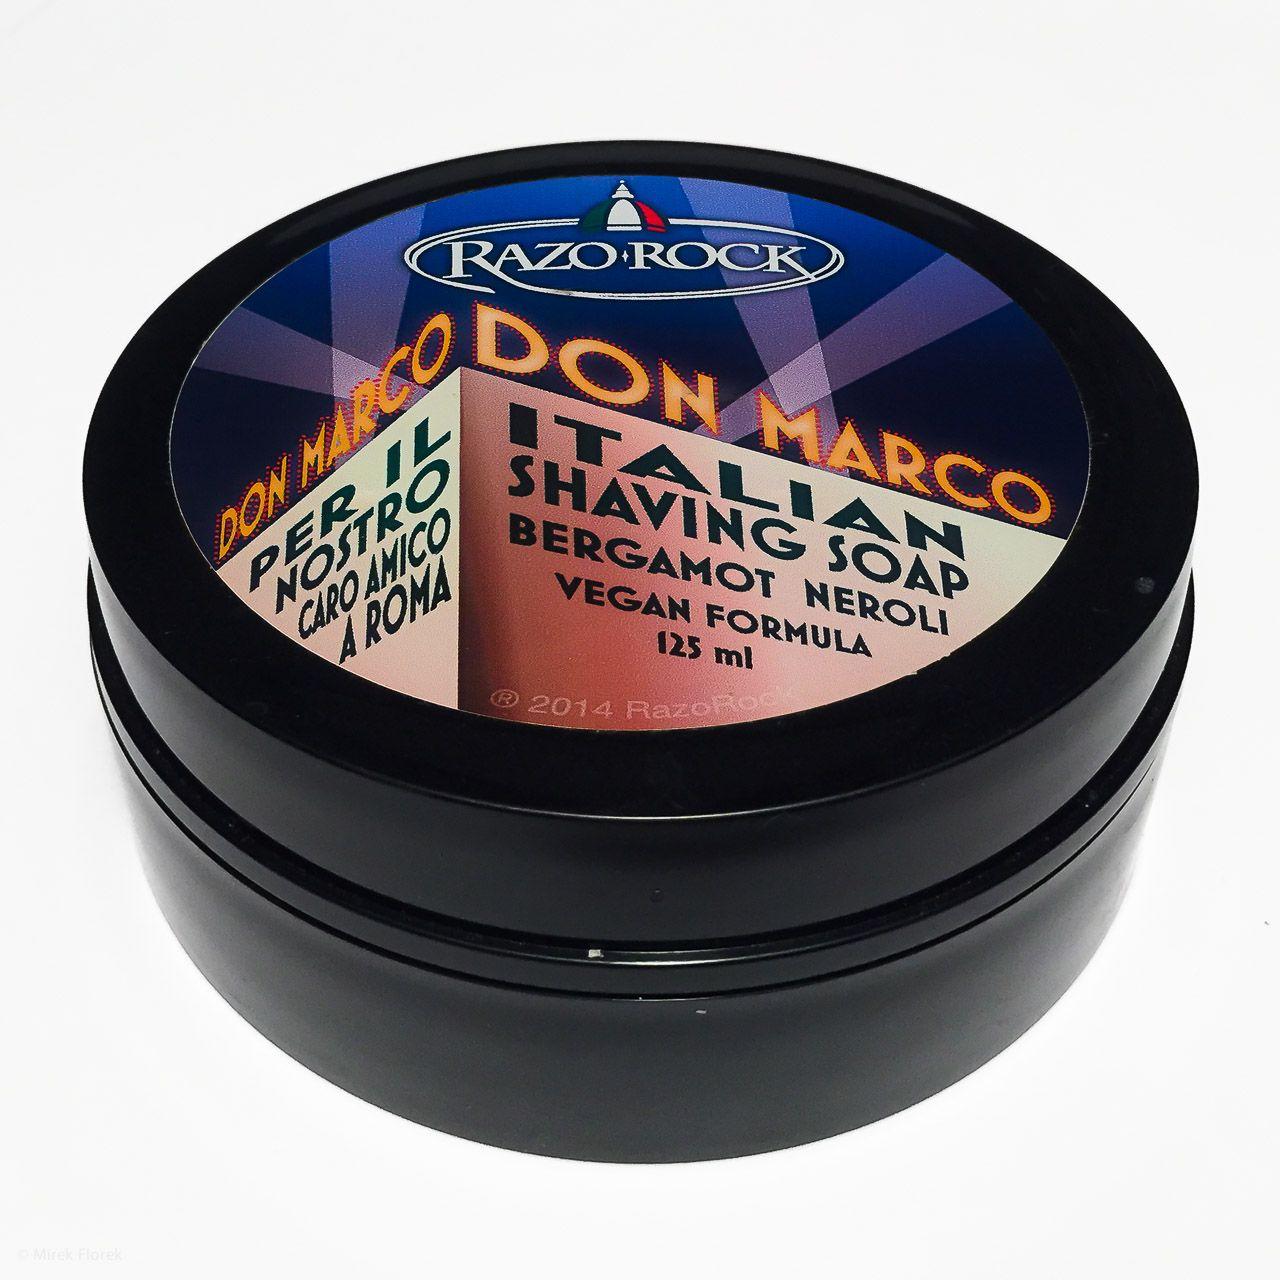 Opakowanie mydła RazoRock Don Marco